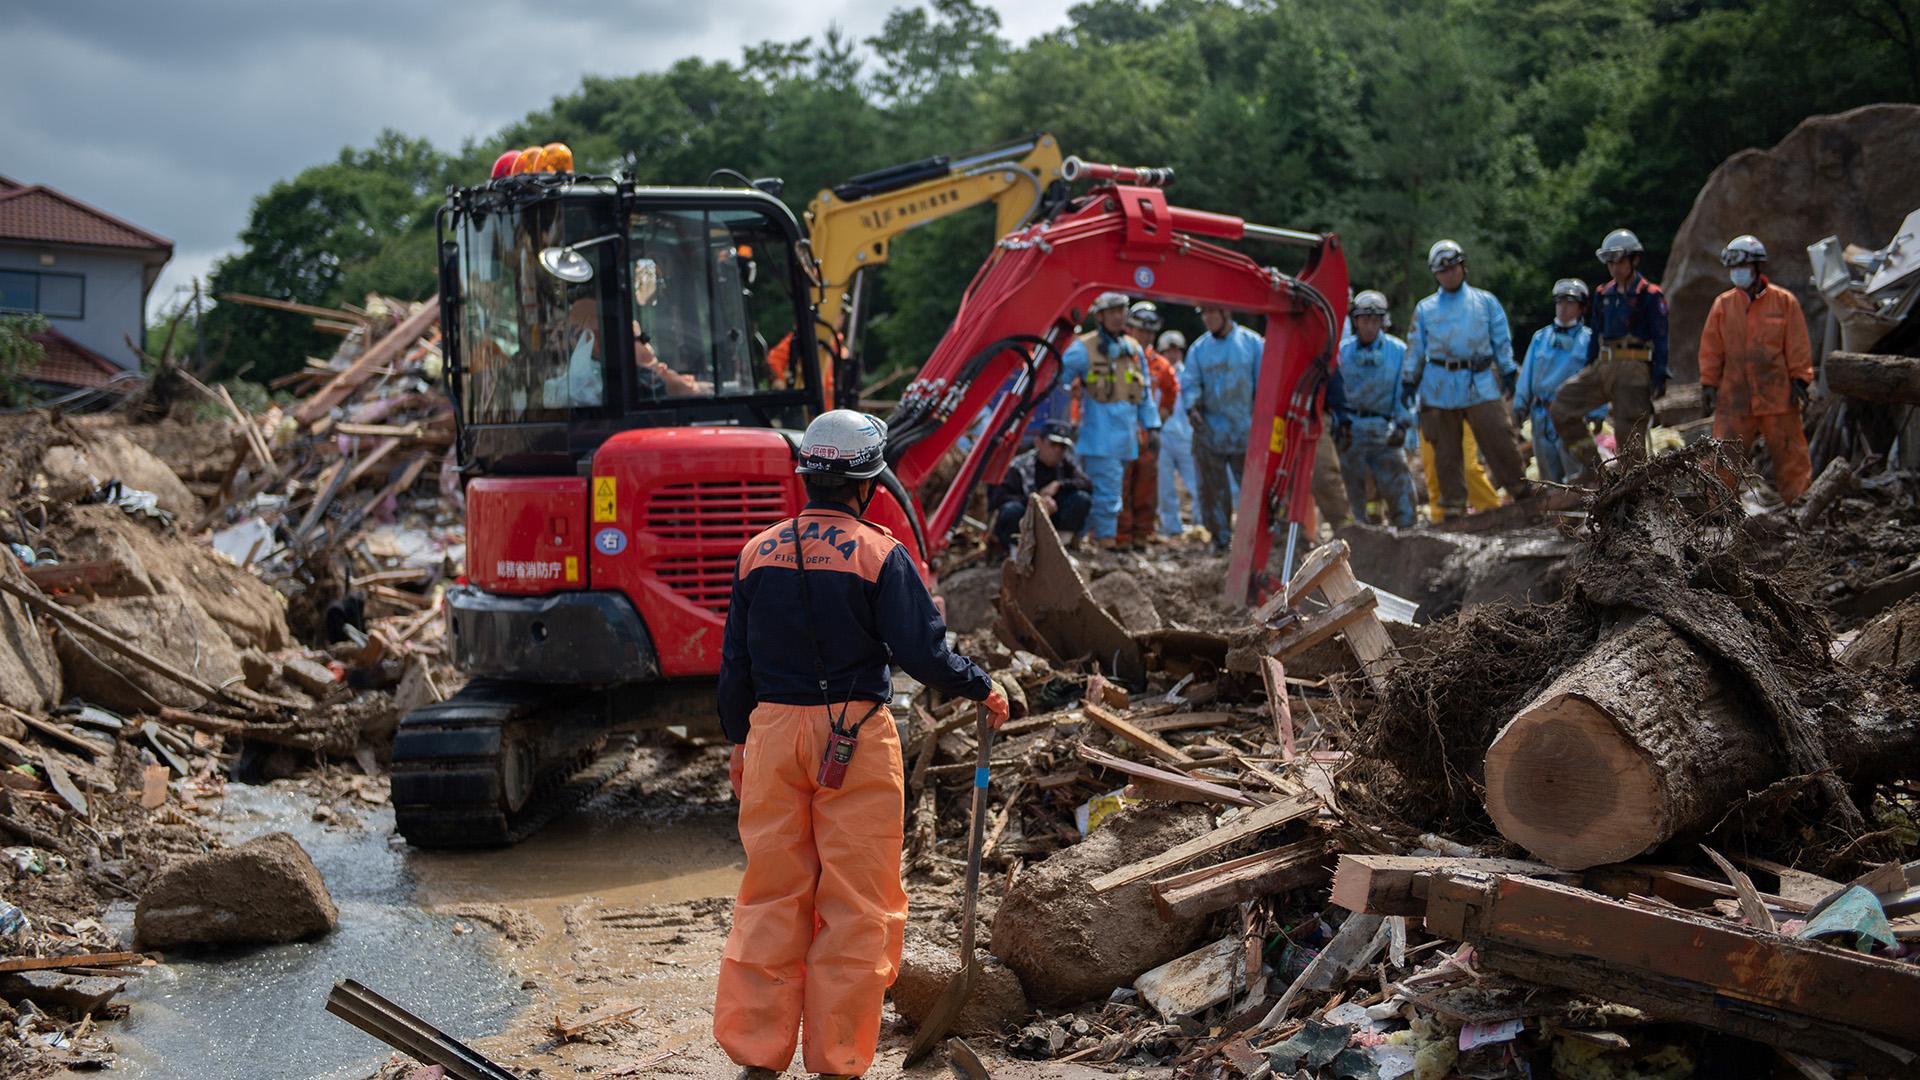 El conteo de las víctimas se vio dificultado por el enorme tamaño de la zona afectada por los aguaceros, inundaciones y deslaves registrados desde finales de la semana pasada. Las autoridades advirtieron que los deslaves podrían seguir incluso después de que amainen las precipitaciones